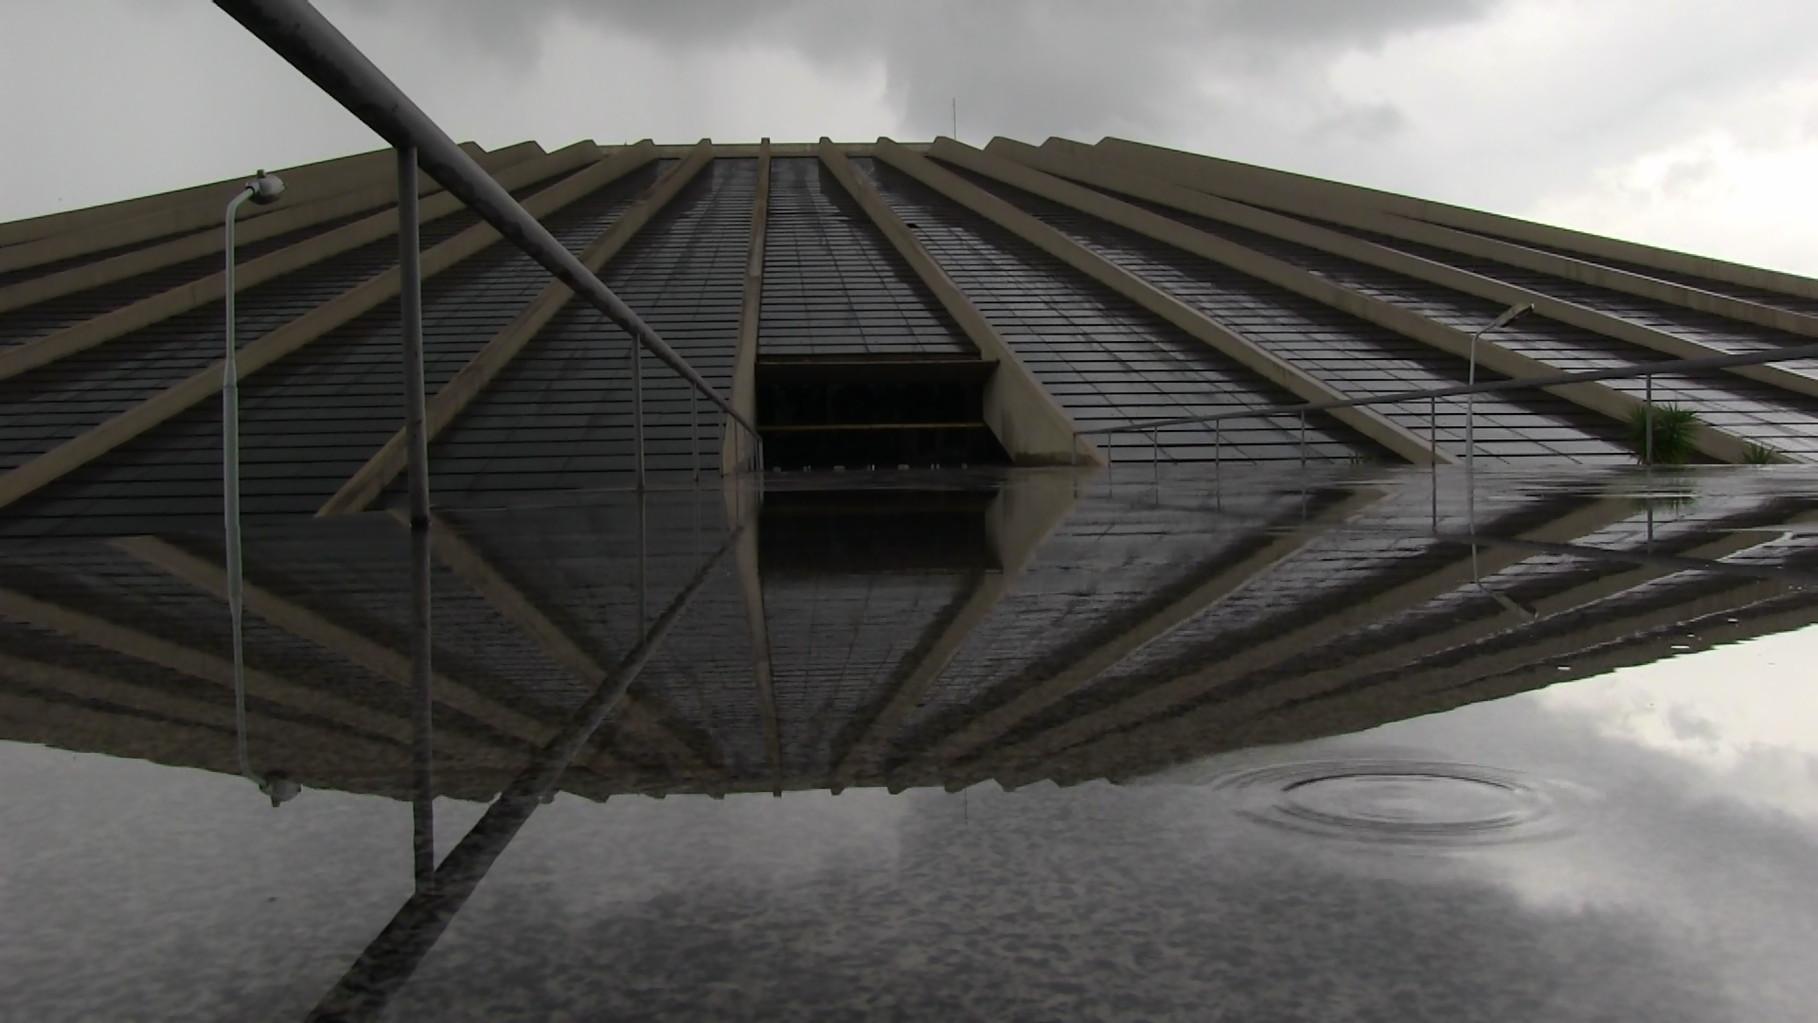 Teatro Nacional Cláudio Santoro